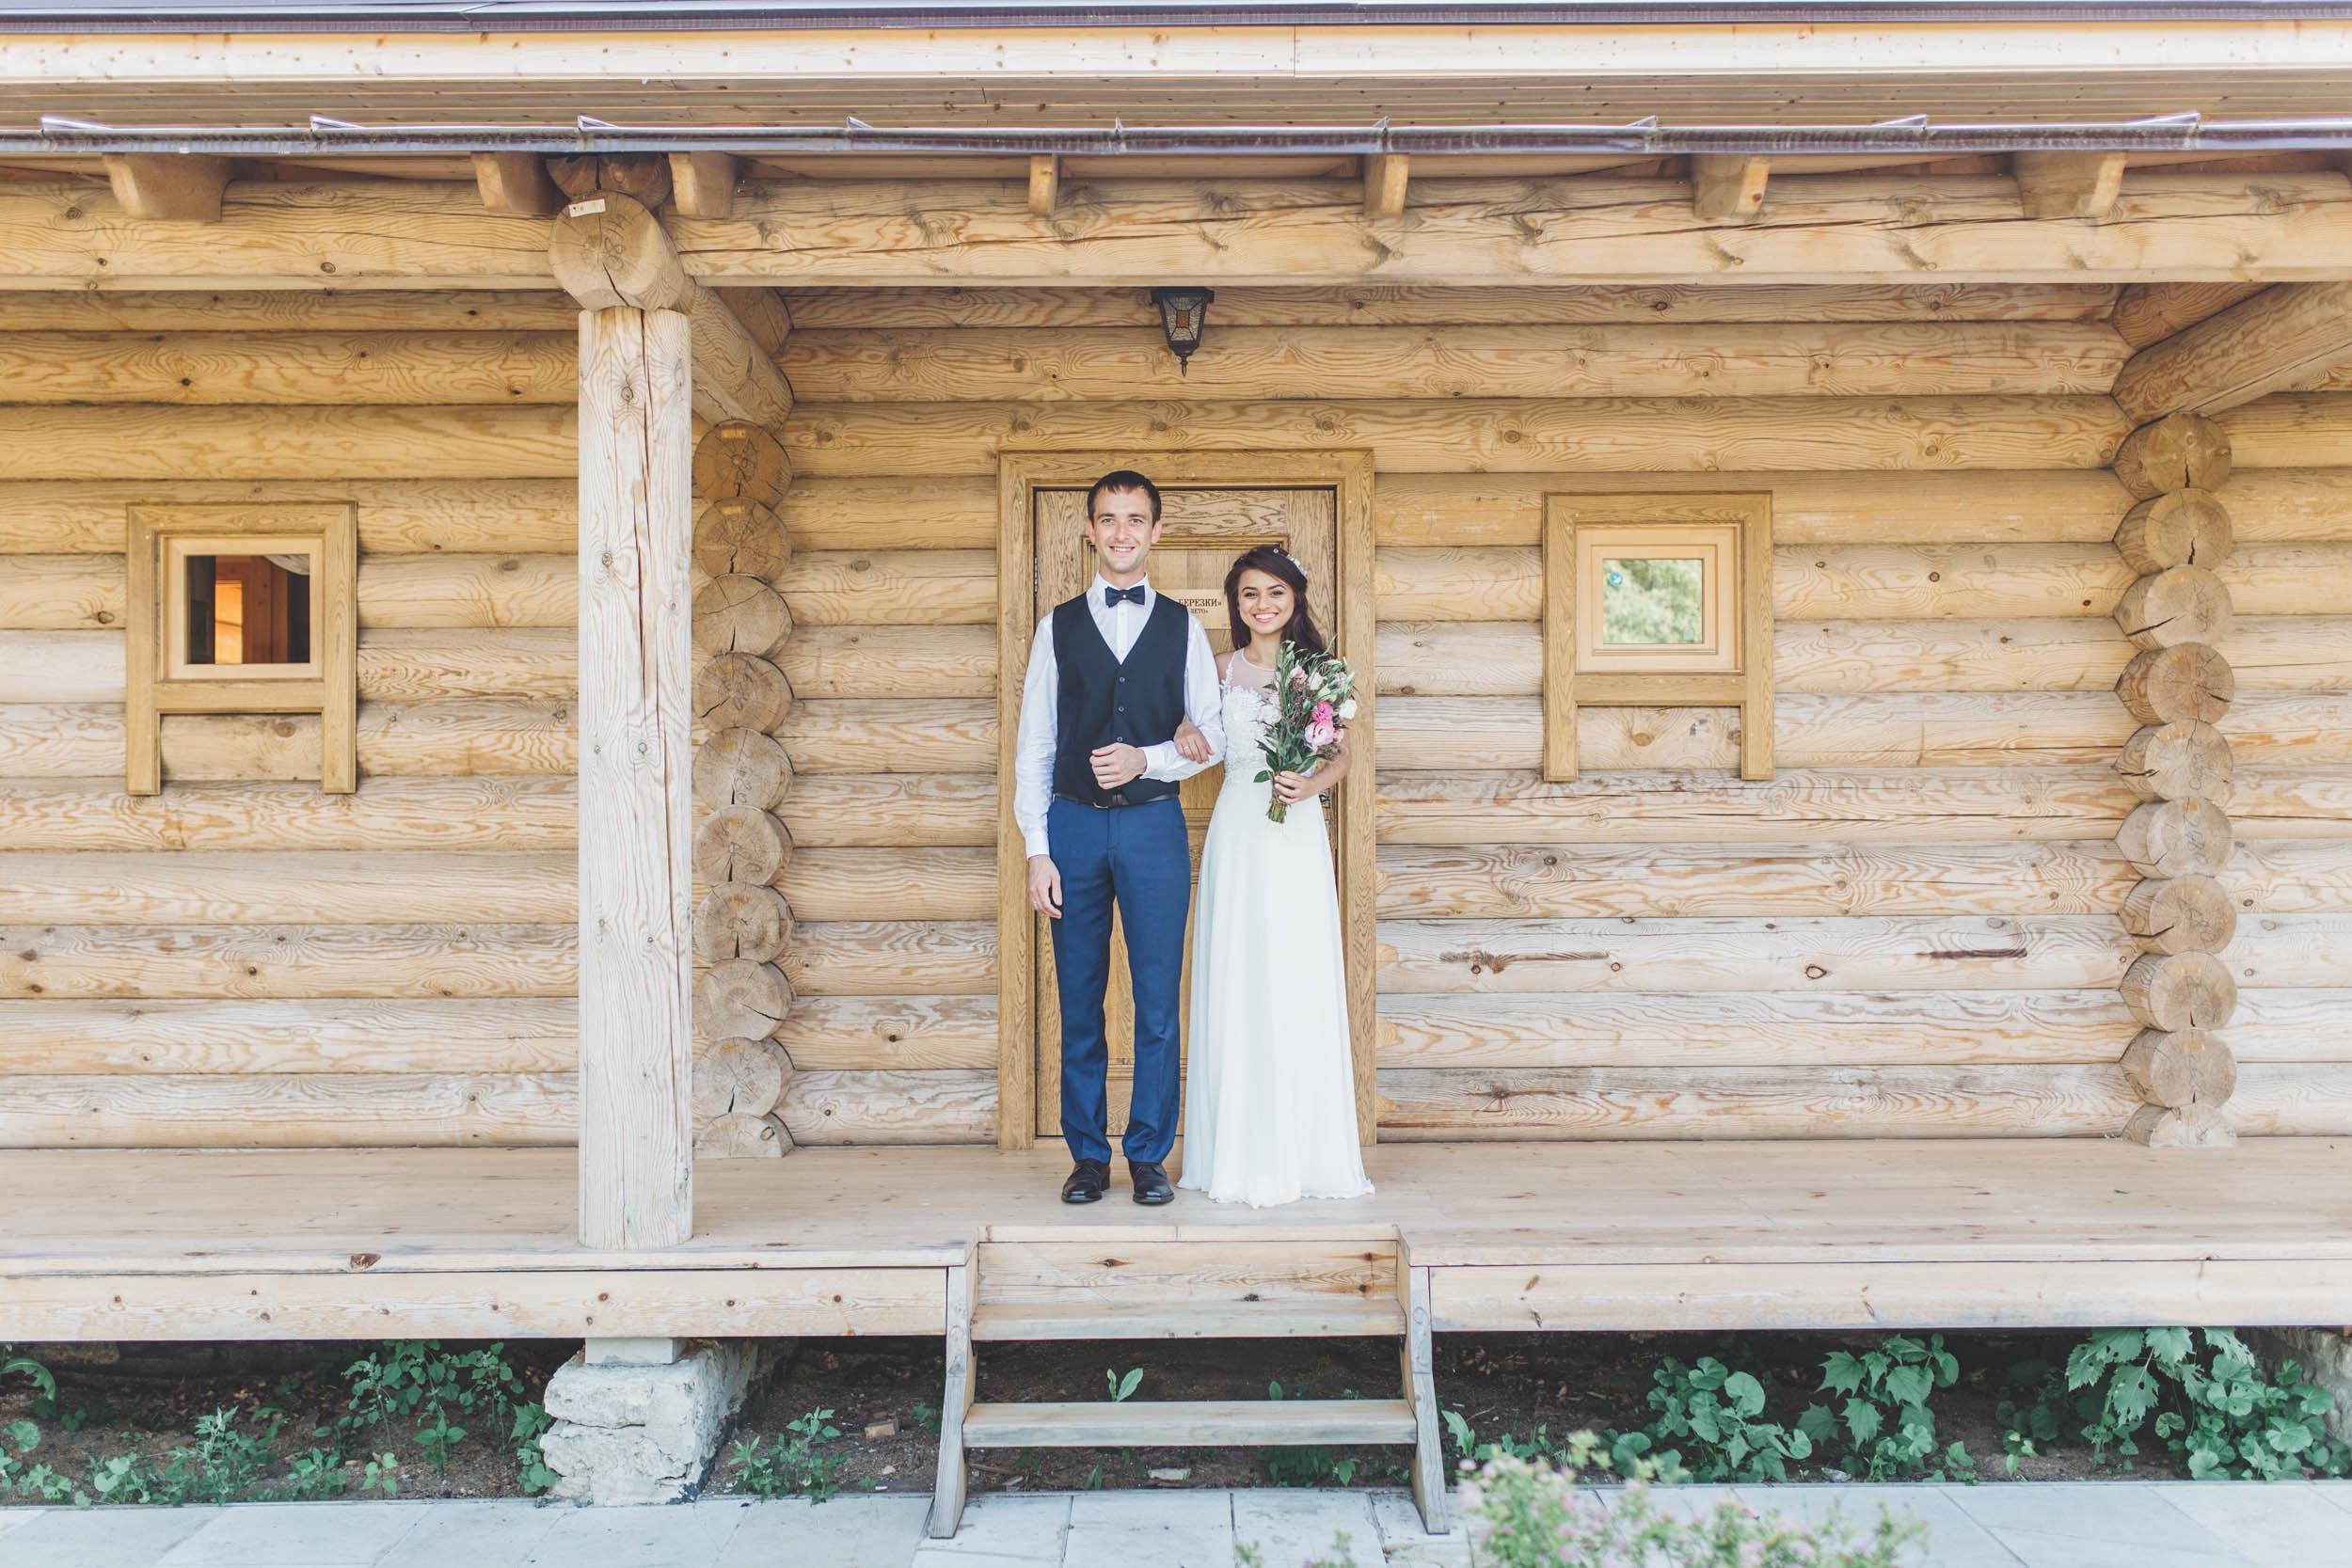 Фото усадьбы для свадьбы цены